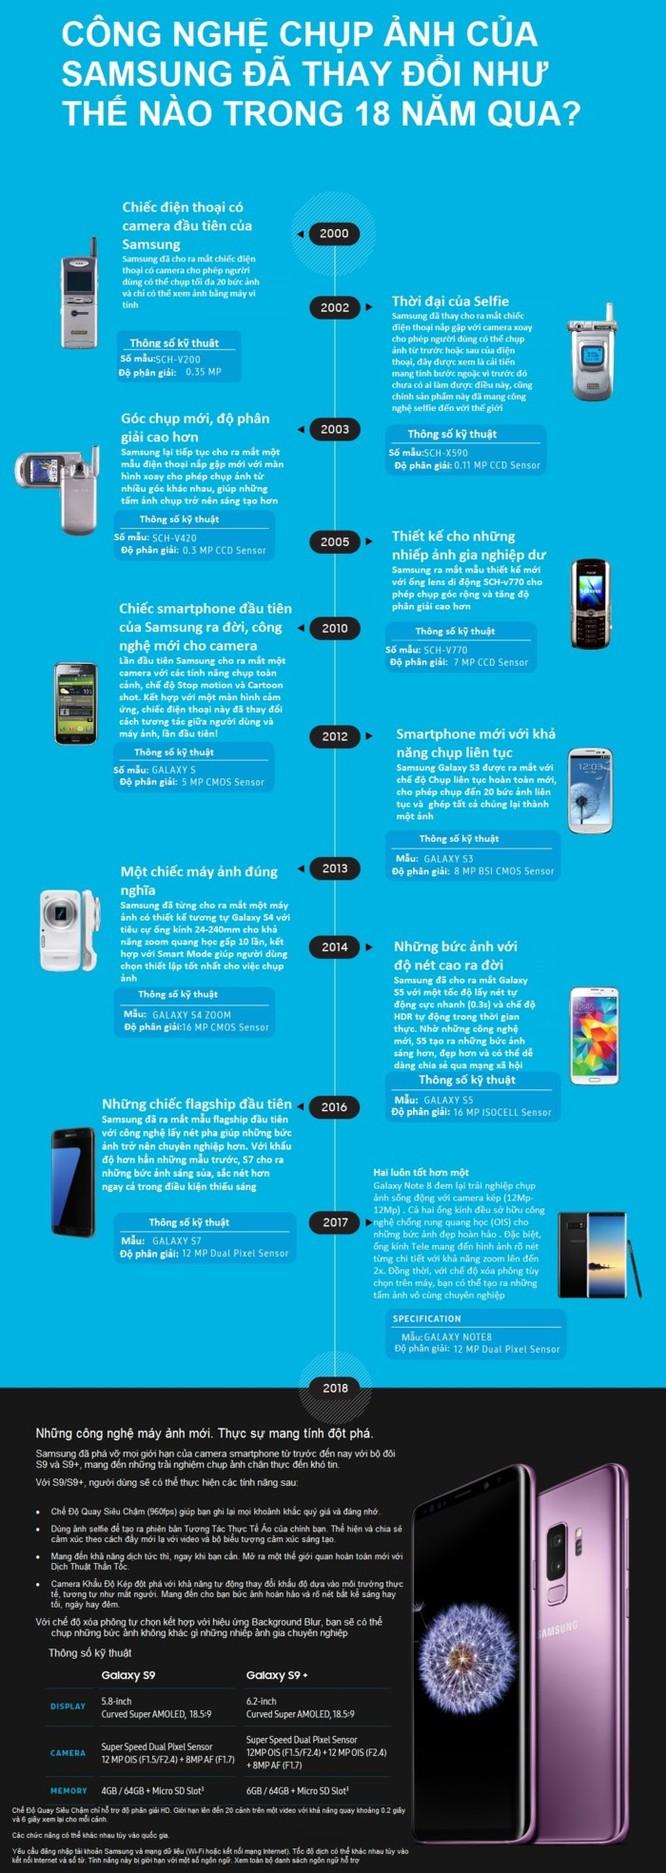 Samsung sau 18 năm: Từ những sáng tạo sơ khai cho đến cuộc cách mạng thị giác - Ảnh 1